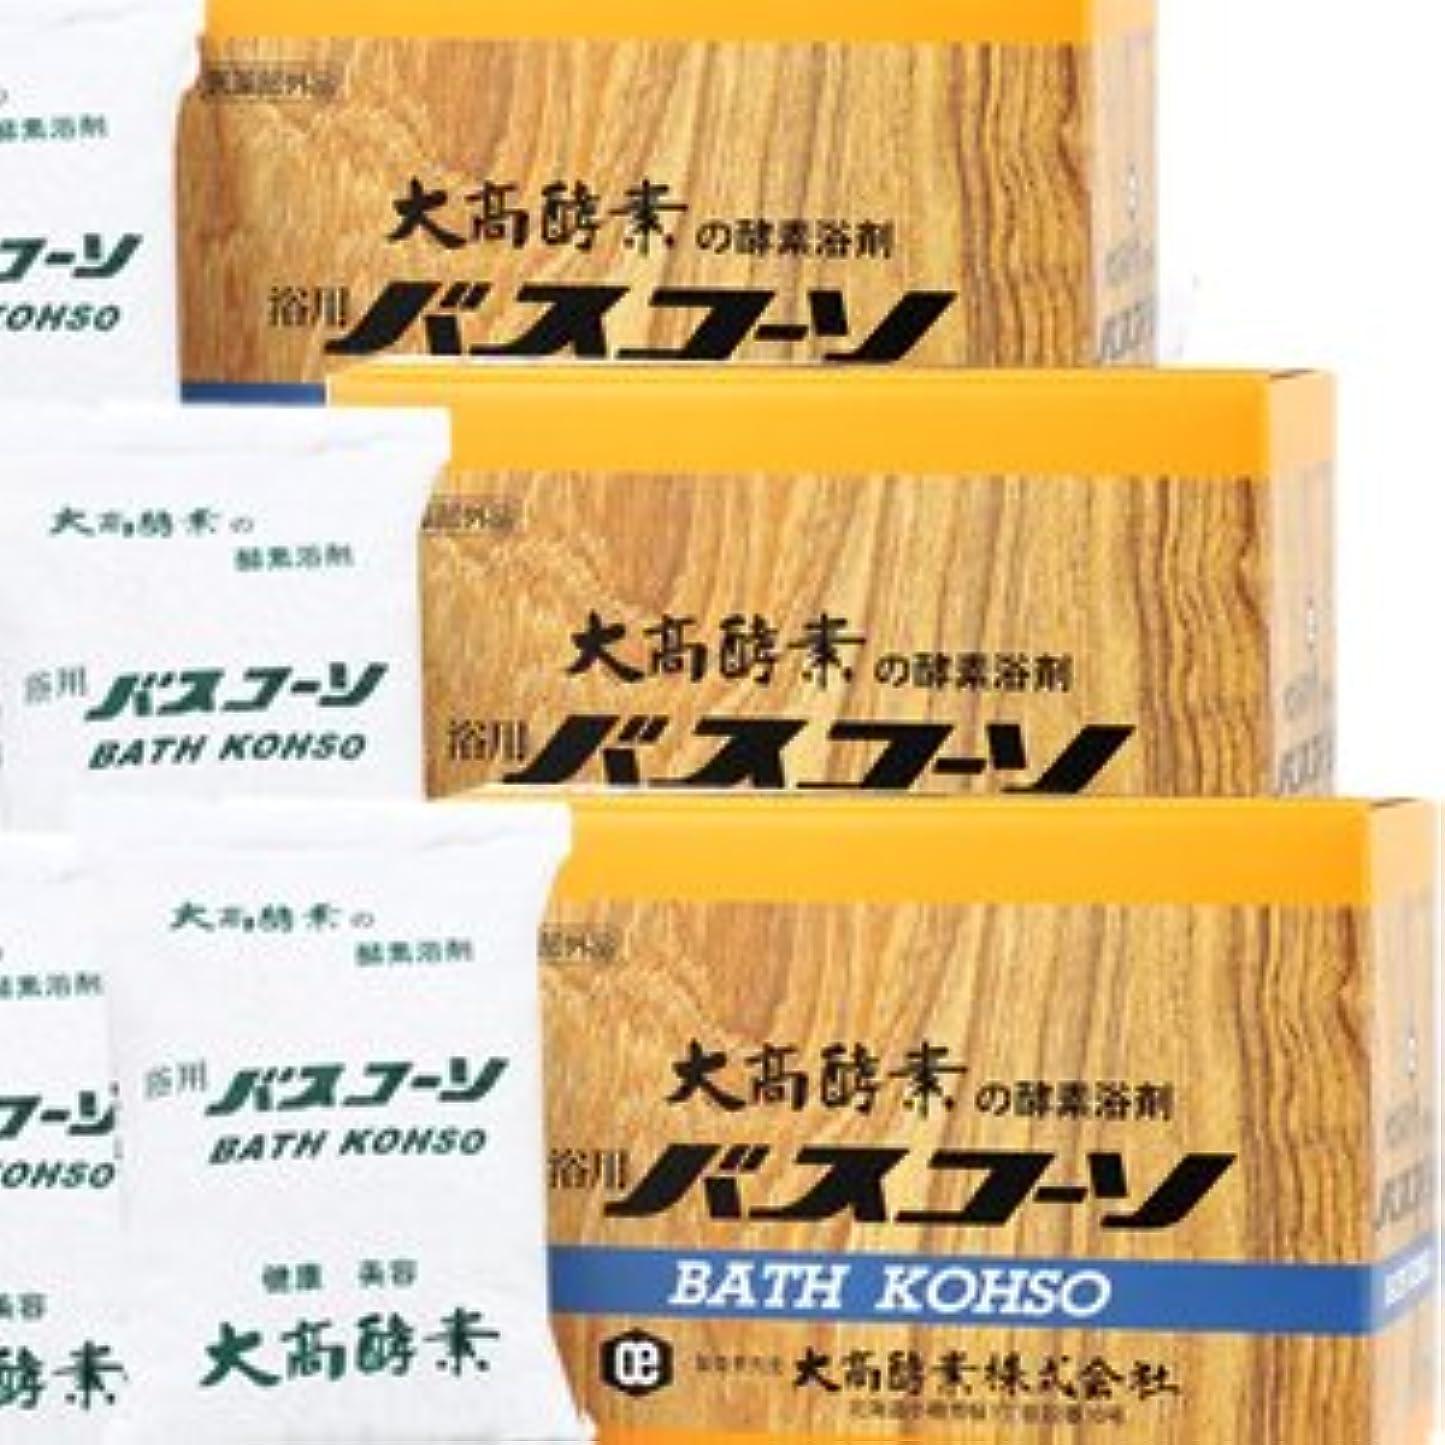 脚拒絶時間【3個】 大高酵素 バスコーソ酵素入浴剤(100g×6袋)x3個 4971578001095